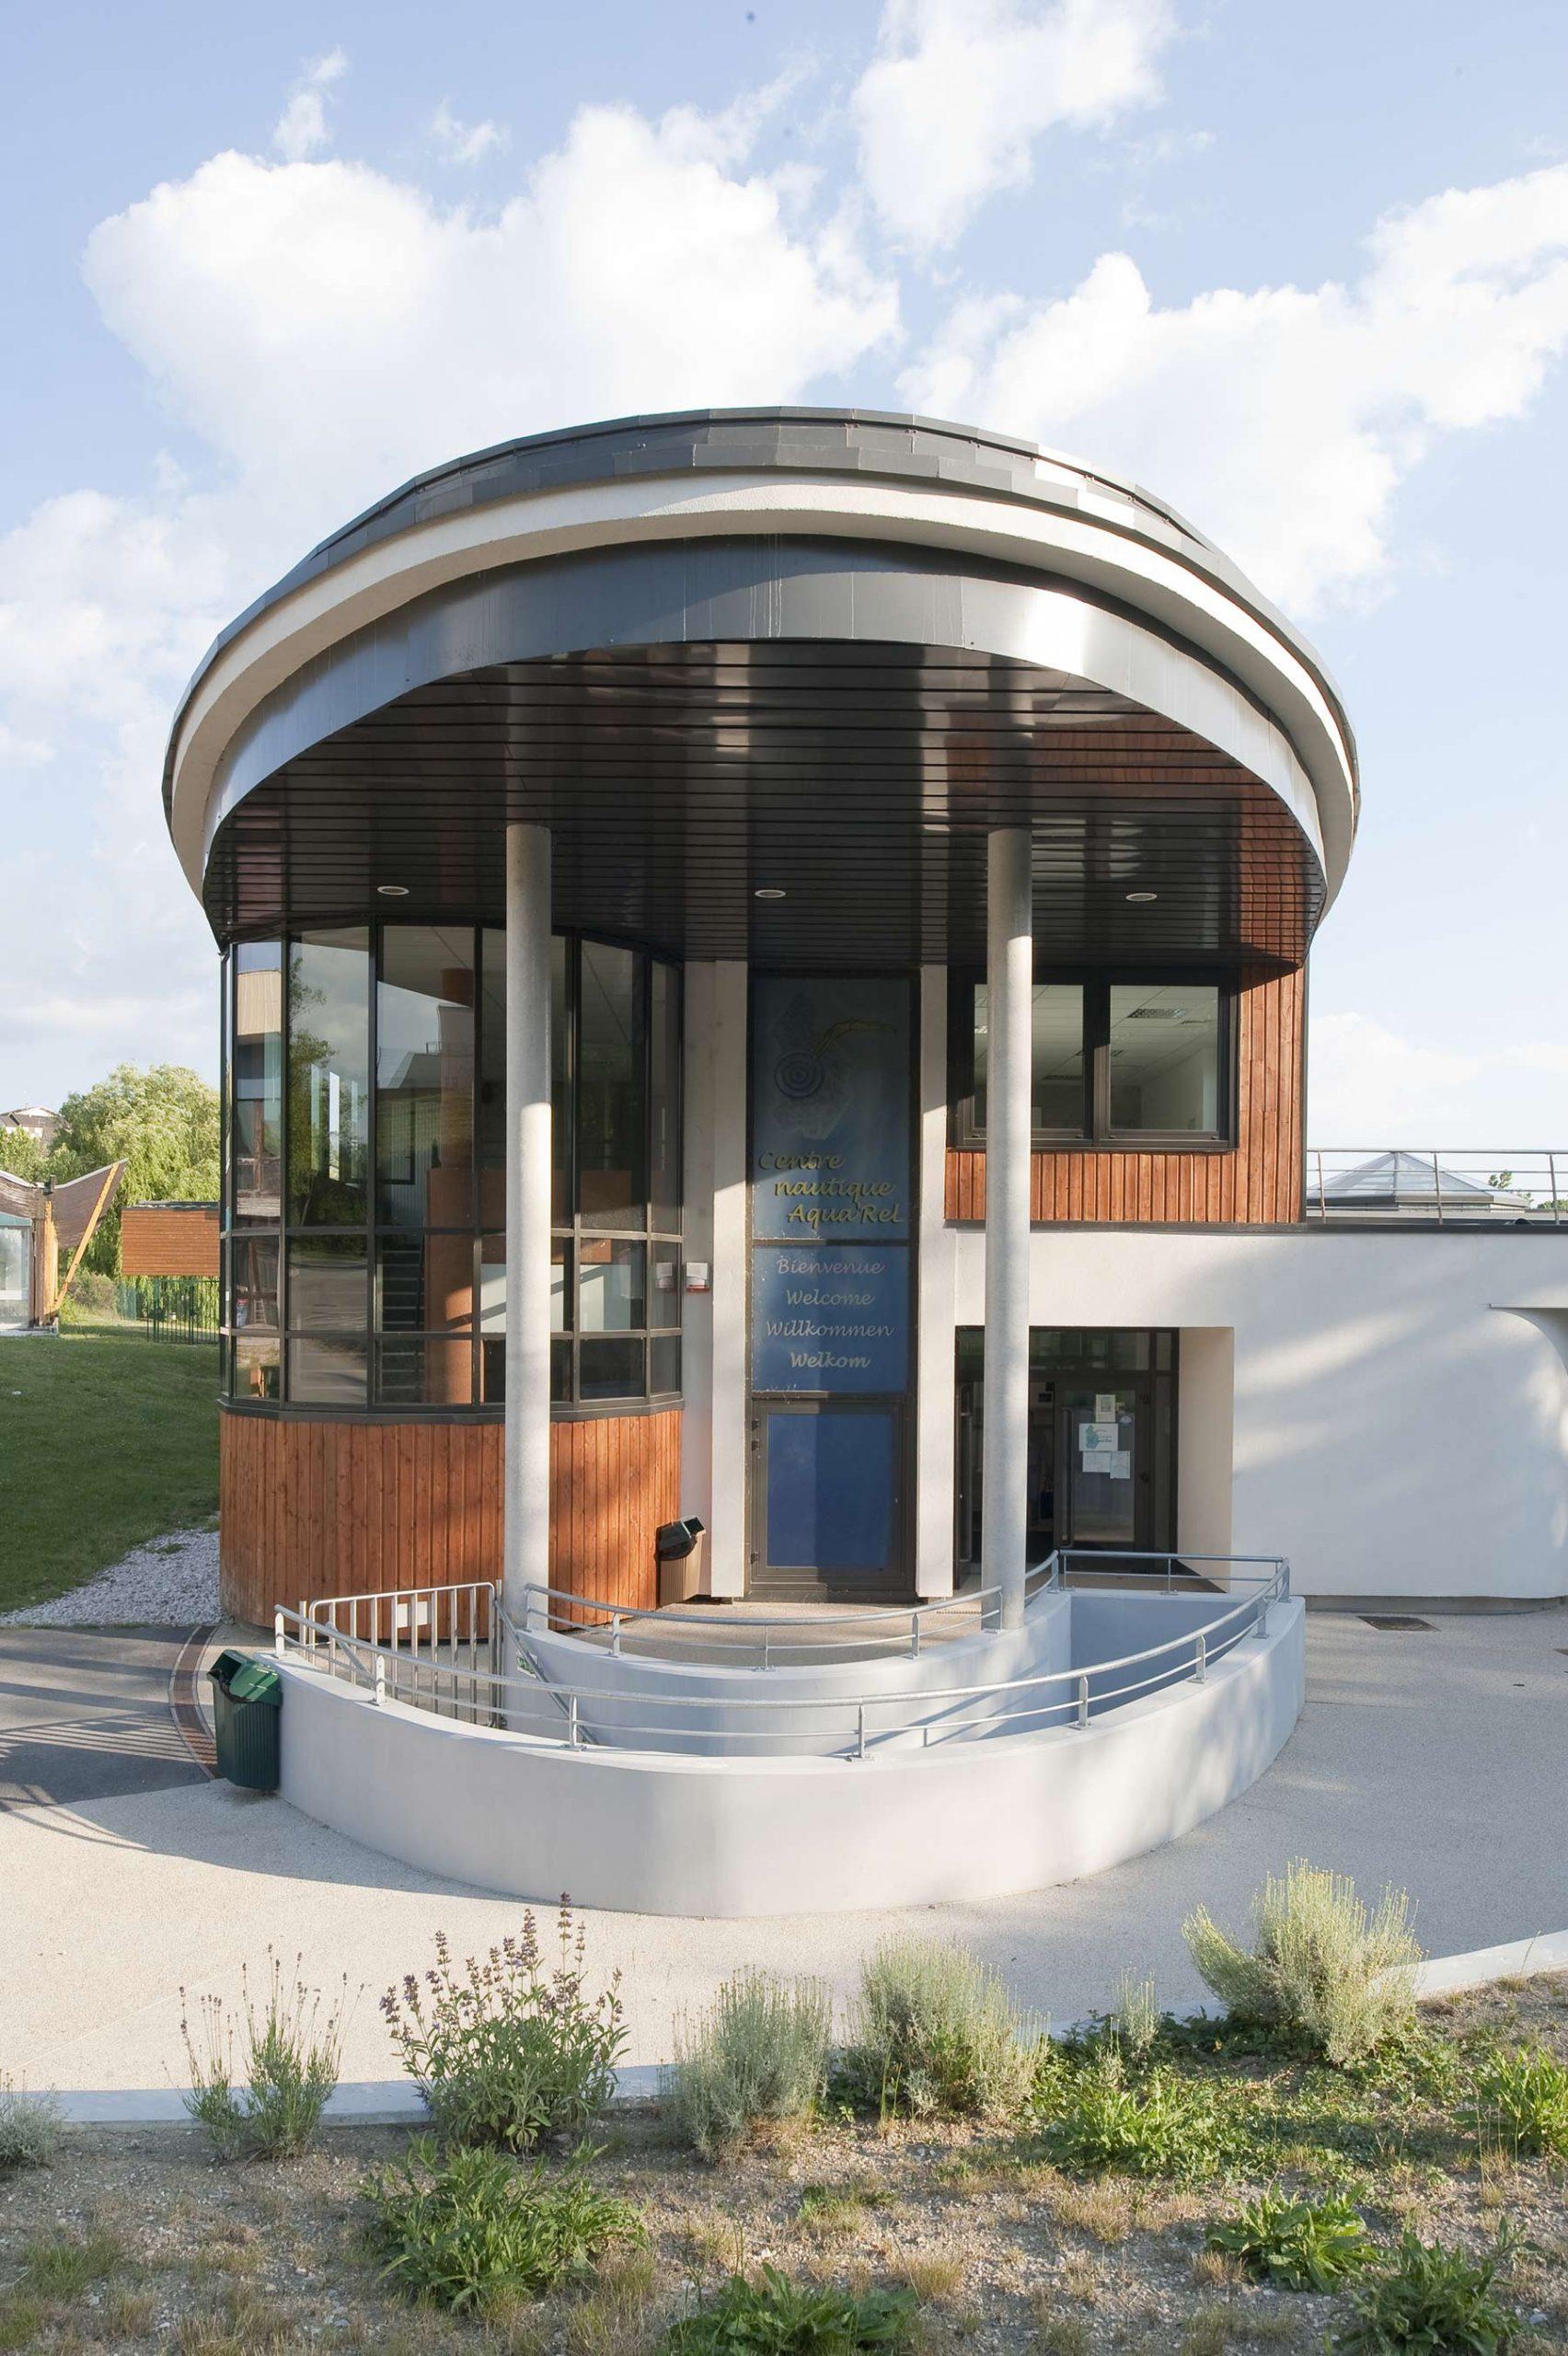 Centre Aquatique De Lons-Le-Saunier - Ap-Ma Architecture encequiconcerne Piscine Aquarel Lons